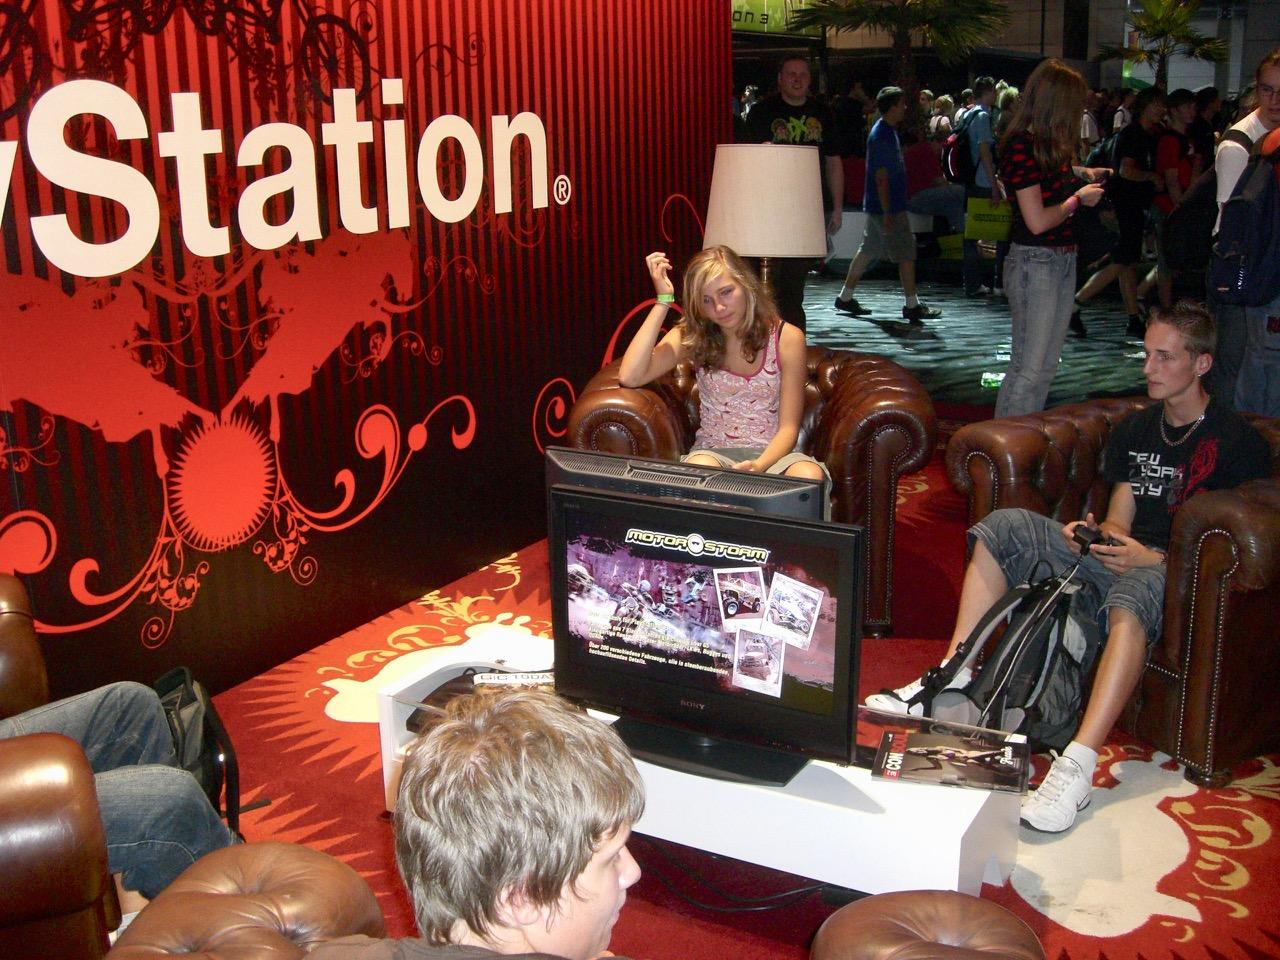 Der PlayStation-Stand von Sony ließ seitens Austattung keine Wünsche offen. Hier wurde MotorStorm gespielt. (Bild: André Eymann)